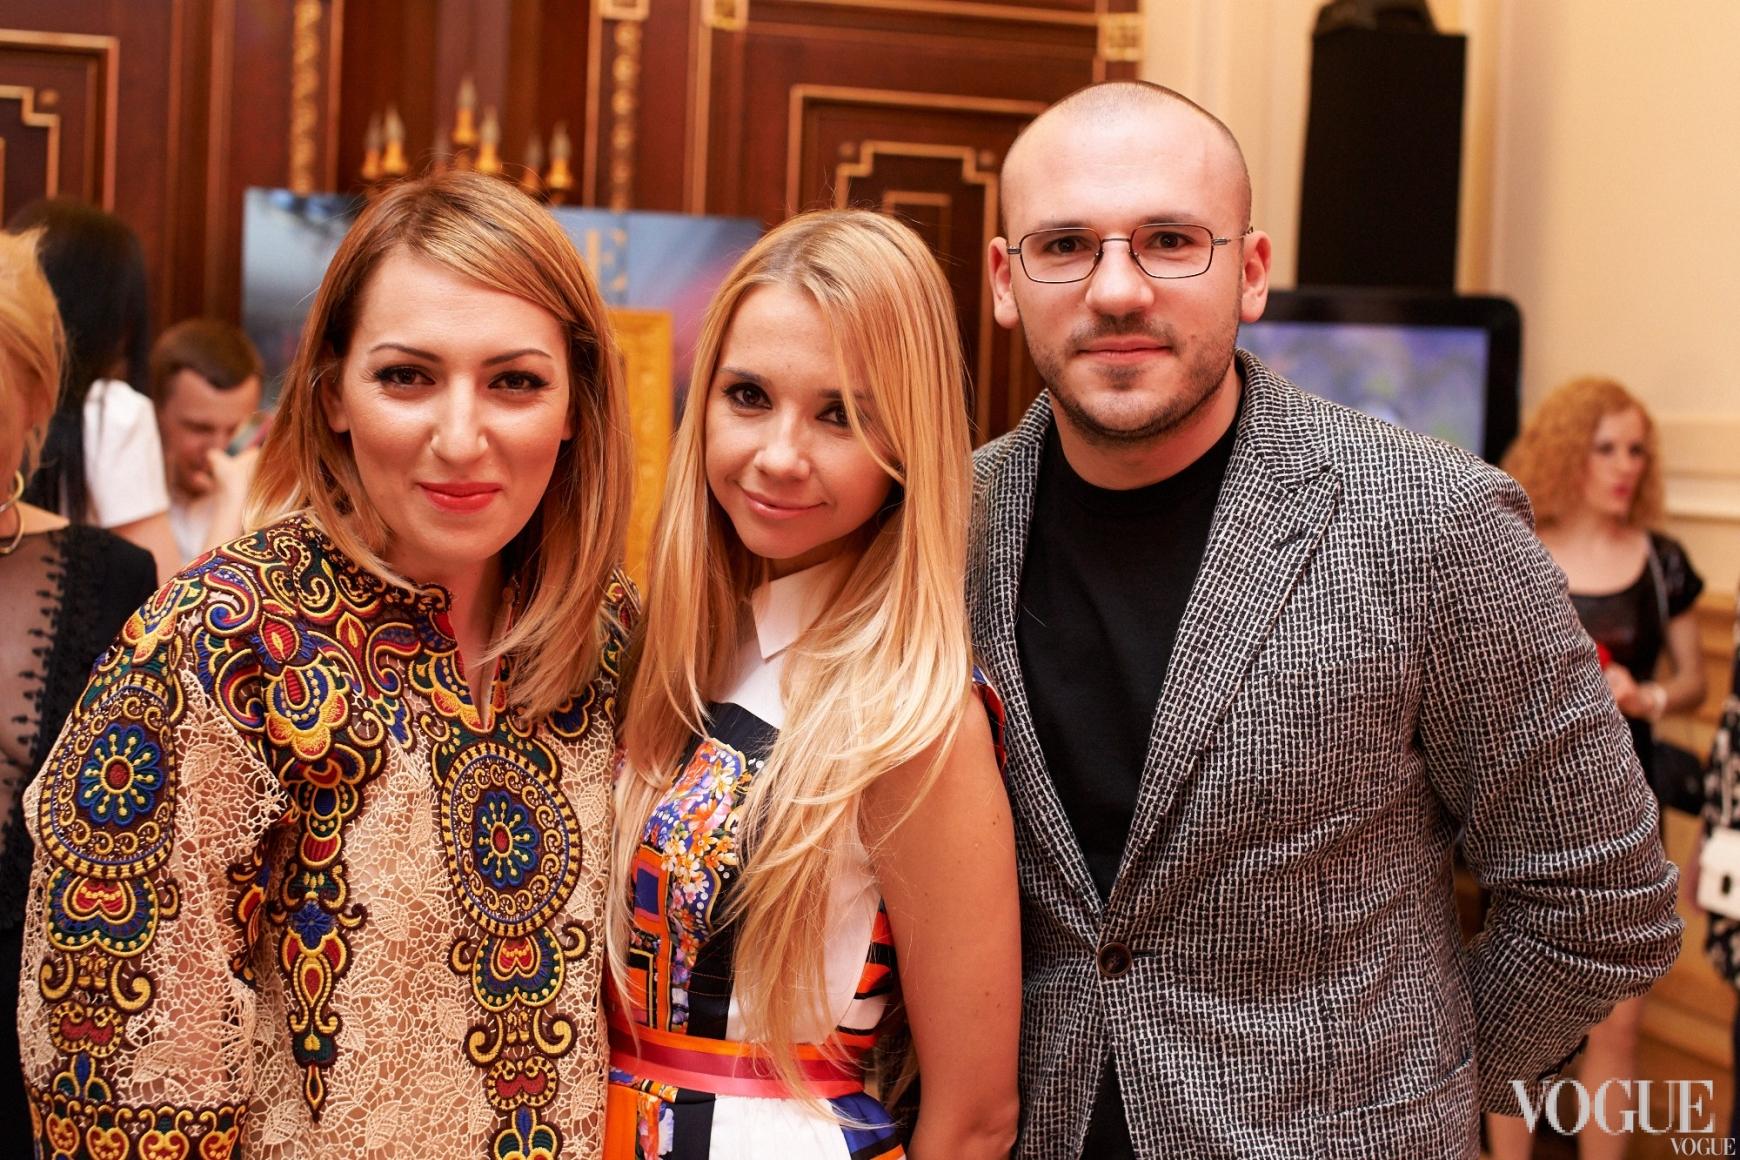 Ася Мхитарян, Ирина Турбаевская, Дмитрий Евенко